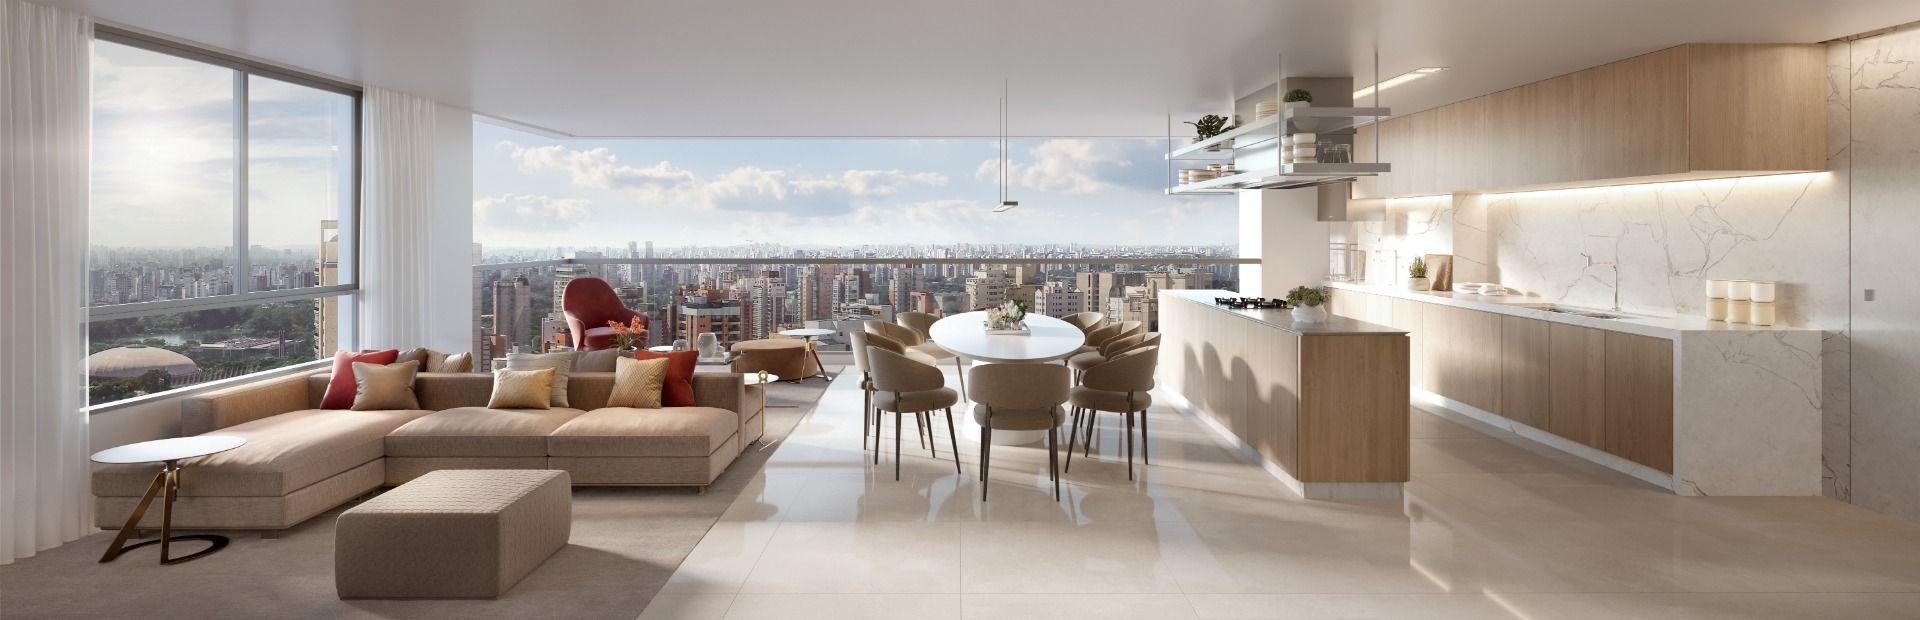 LIVING E COZINHA do apto de 156 m² integrados ao terraço. A cozinha ampla, com ilha central de mais de 2 m e espaço para armários, garante conforto na hora de preparar refeições especiais.